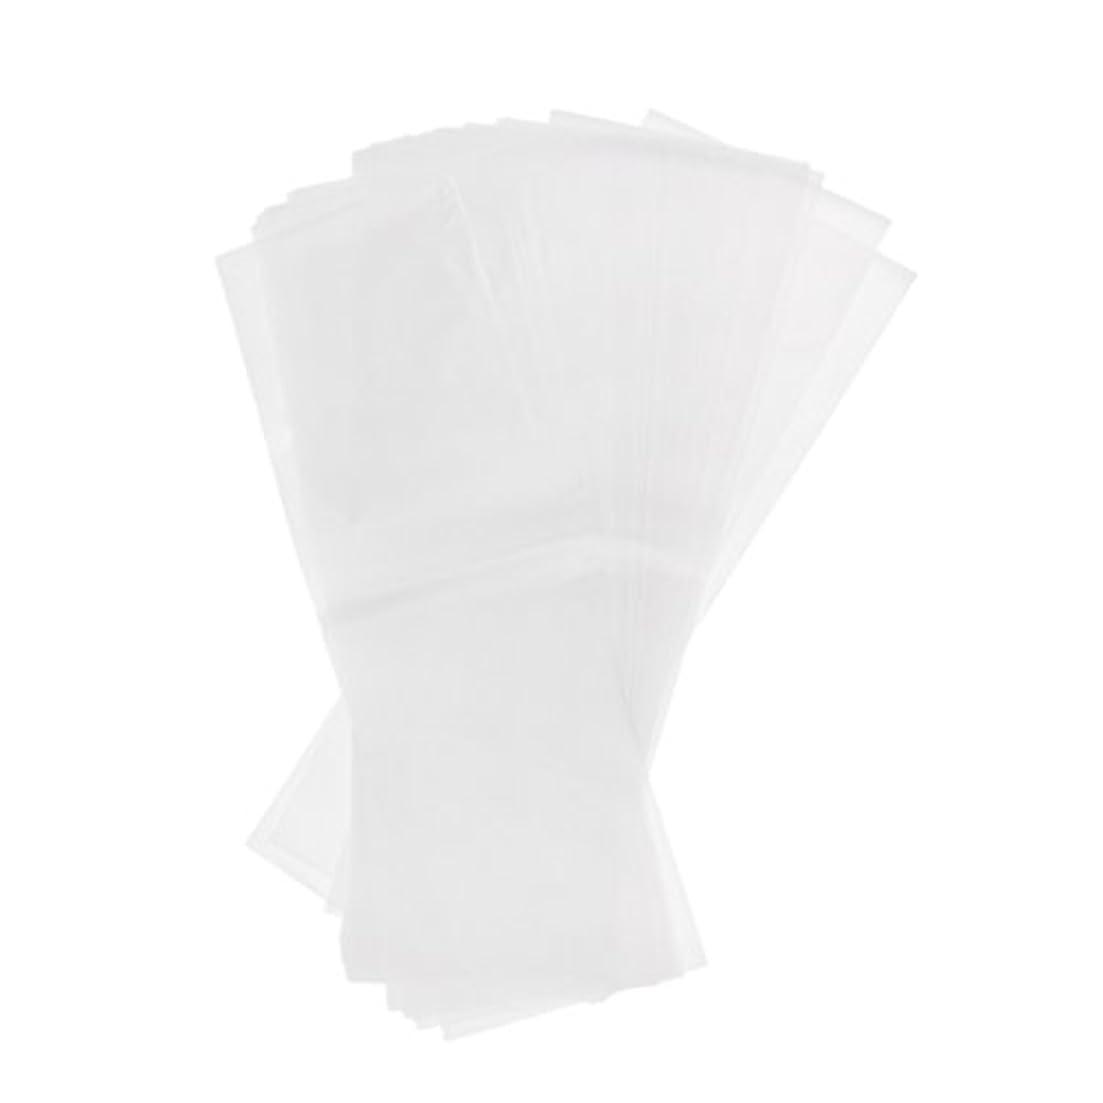 仲人ギター寝具ヘアカラー 毛染め 分版用紙 ハイライトシート 毛染め紙 再利用可能な 透明 2仕様選べ - ホワイト